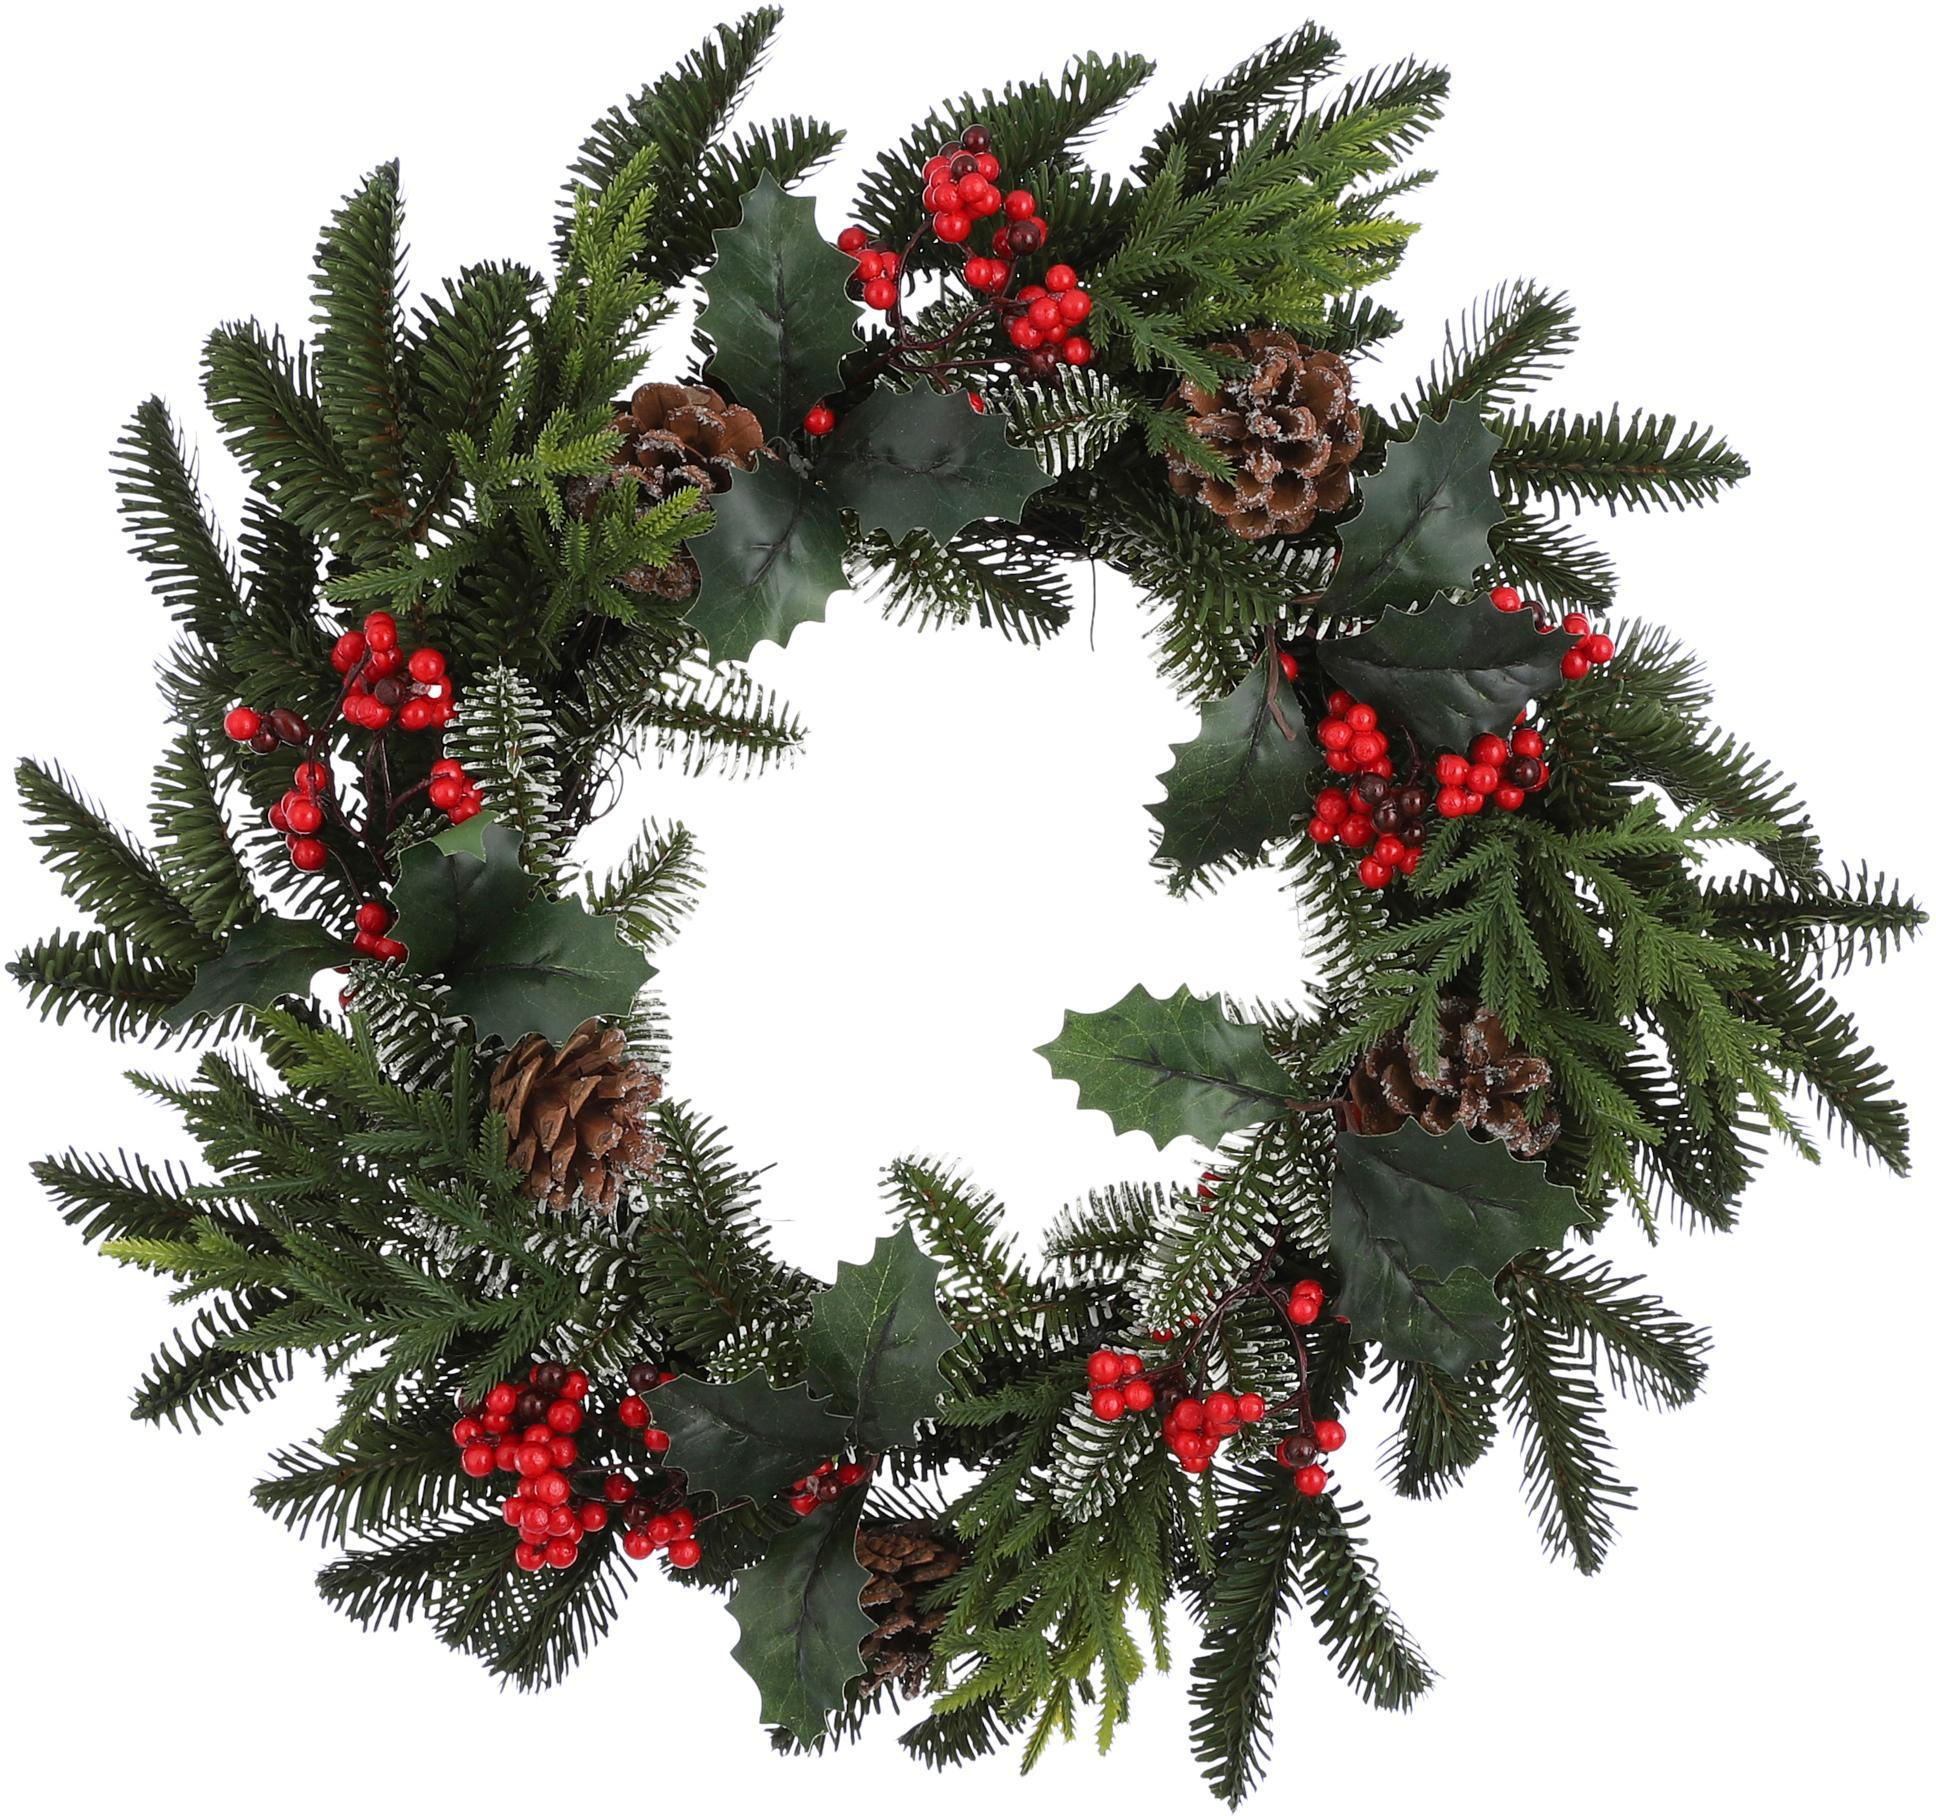 Ghirlanda natalizia artificiale Patton, Materiale sintetico, Verde, rosso, marrone, Ø 50 cm